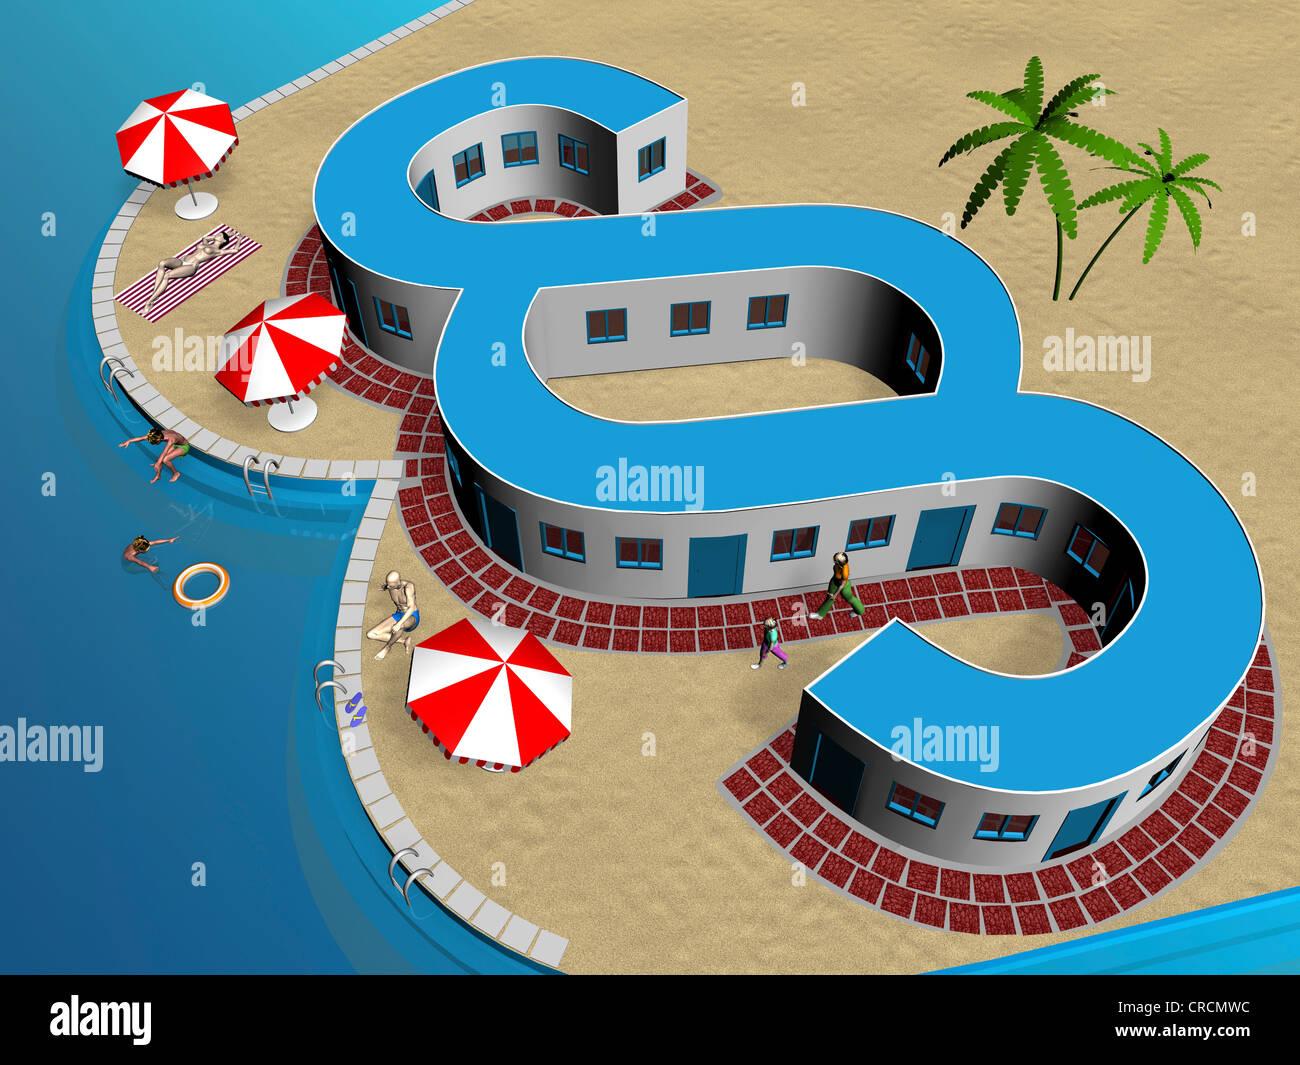 Paragraphe symbole, plage, illustration, image symbolique de la loi voyage Banque D'Images